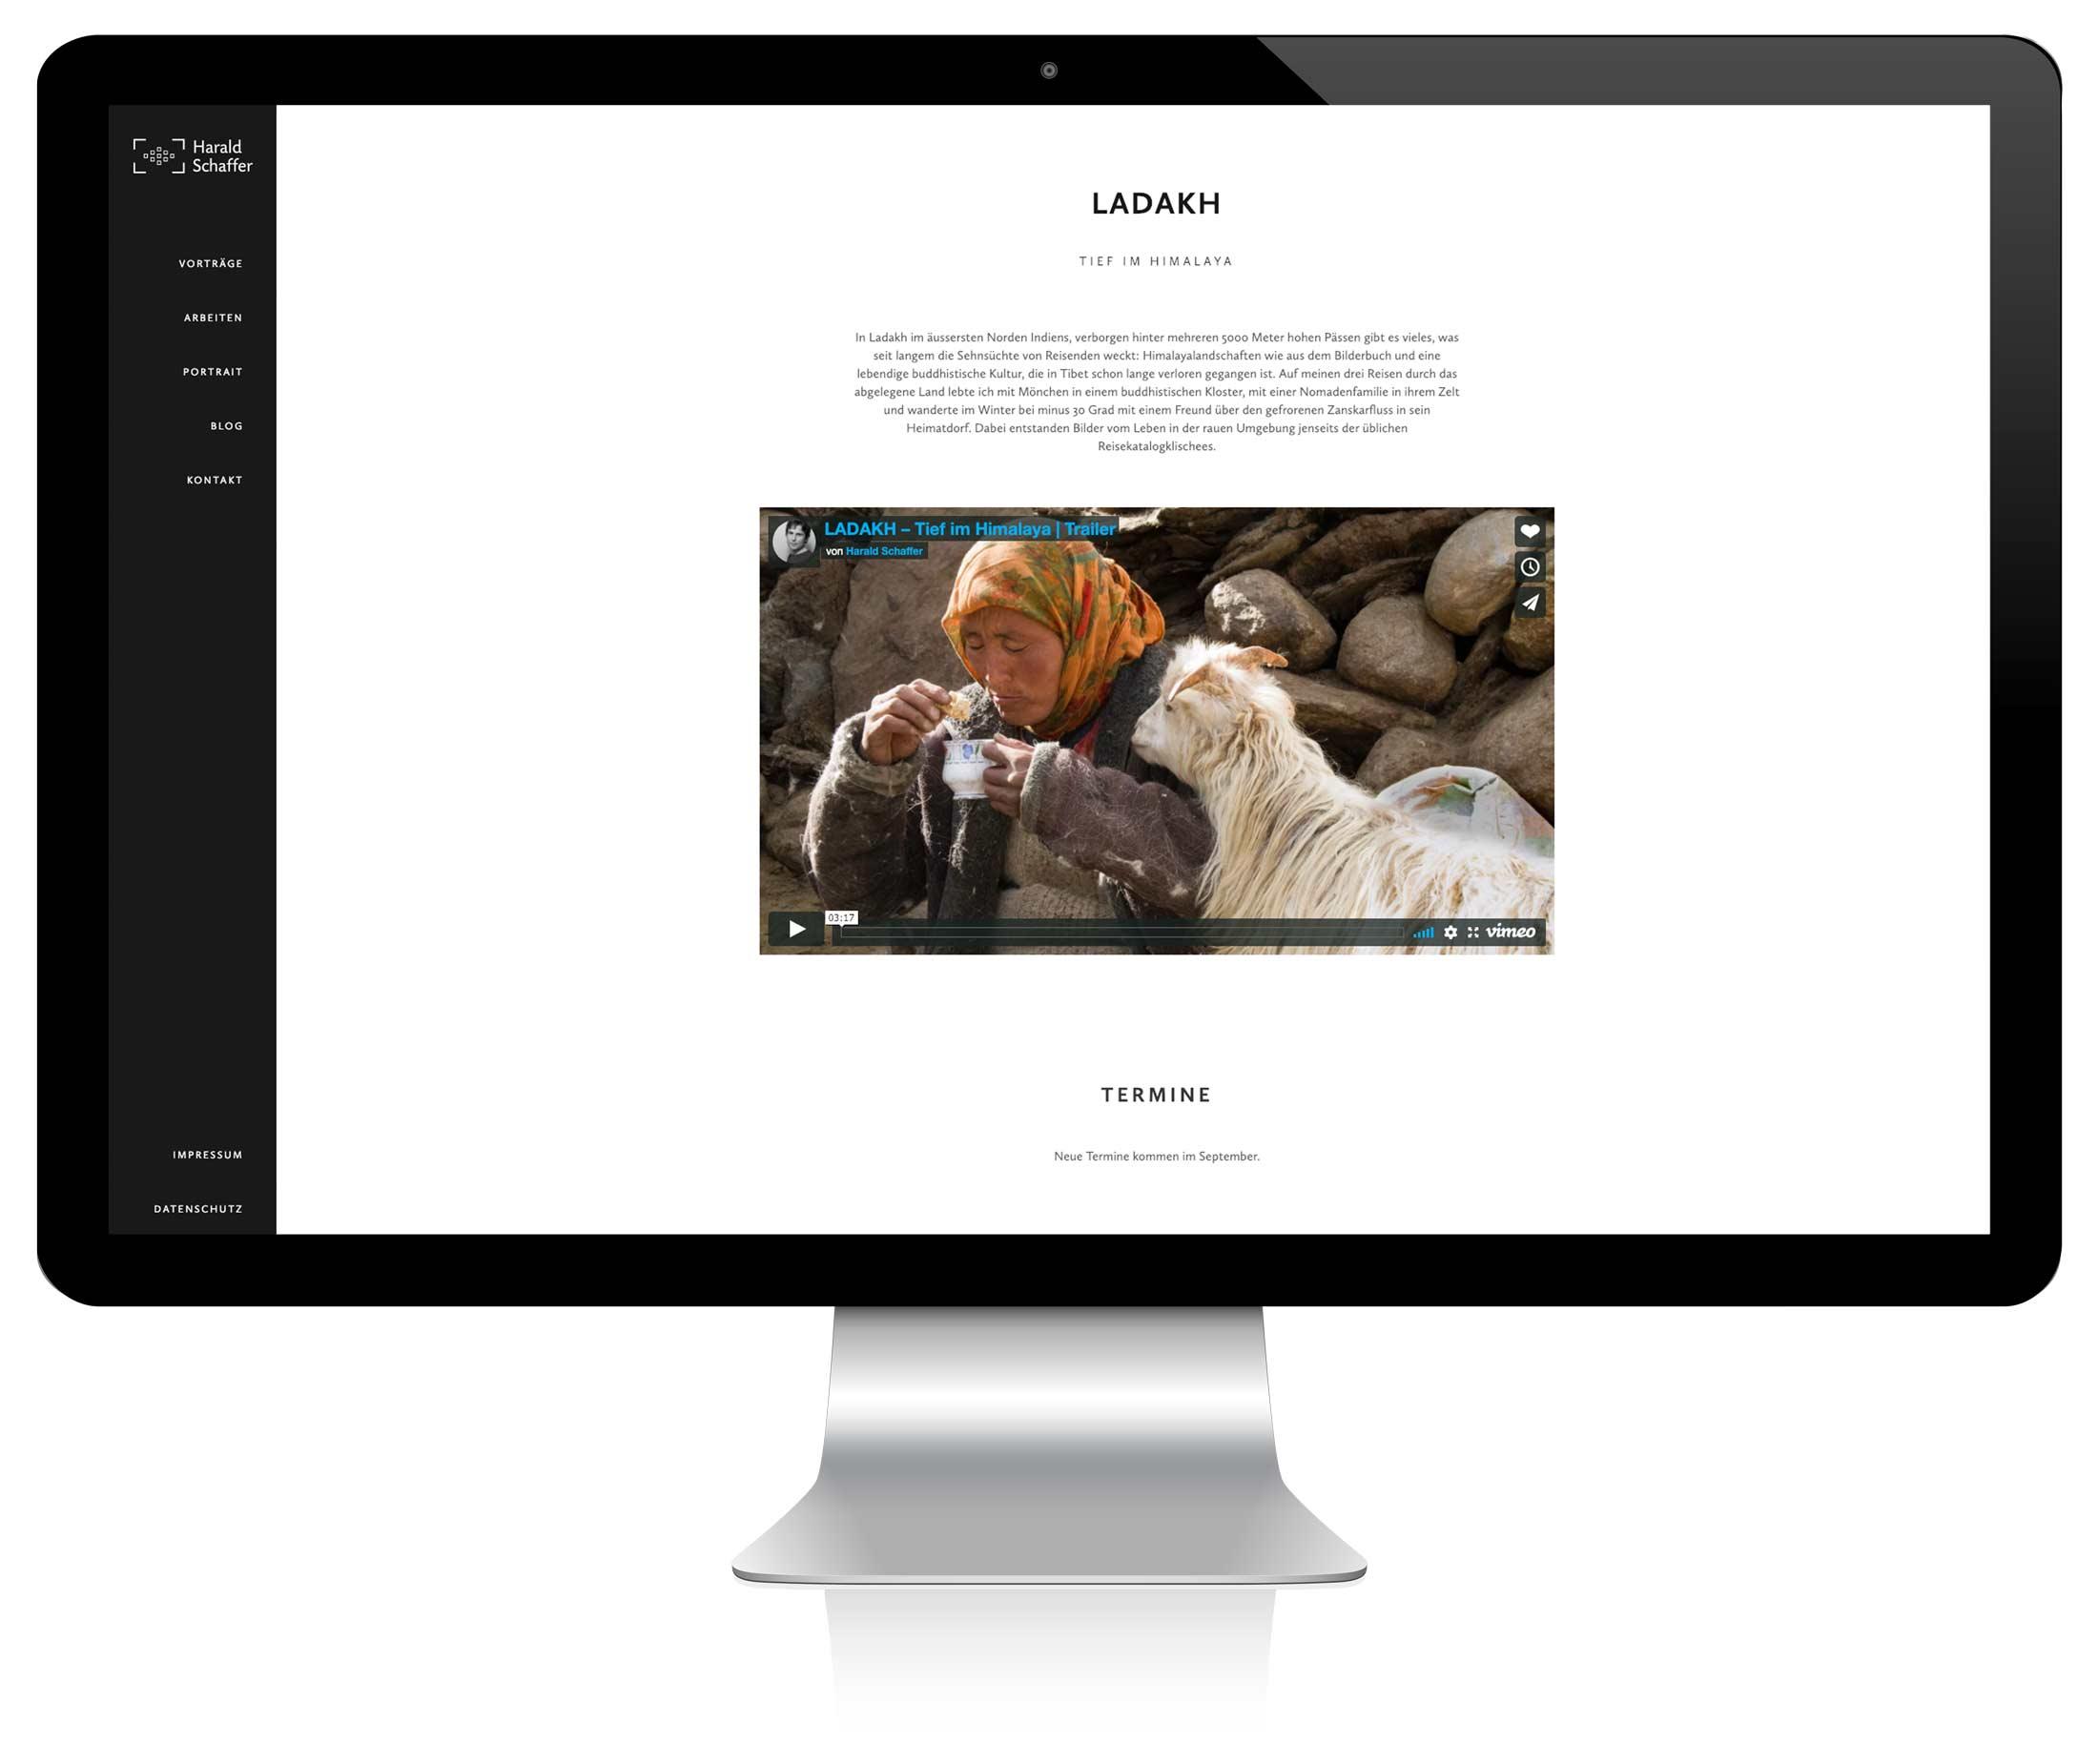 Harald Schaffer Website auf Computer-Bildschrim angezeigt